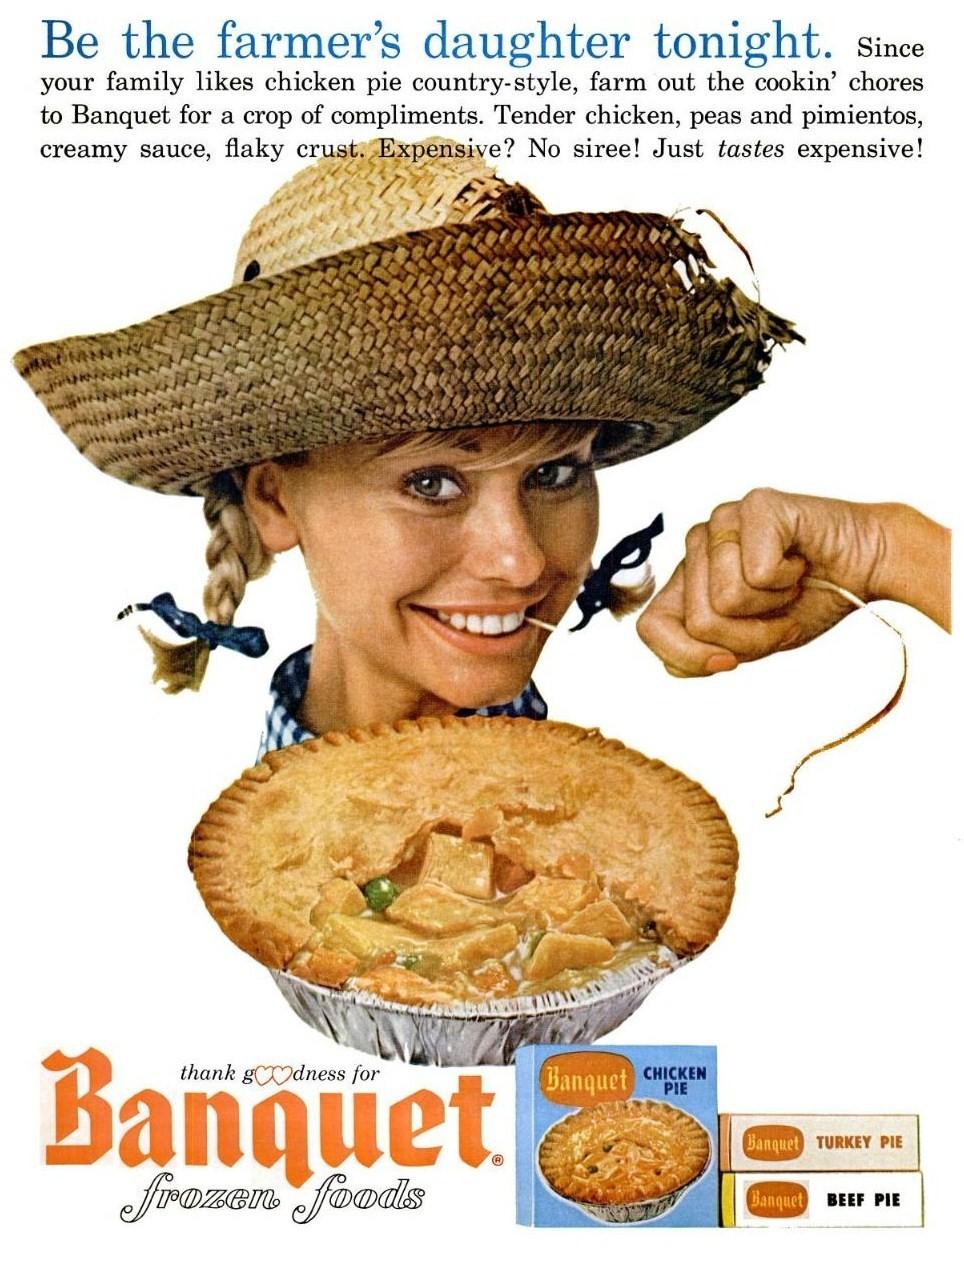 Banquet Frozen Foods - 1965